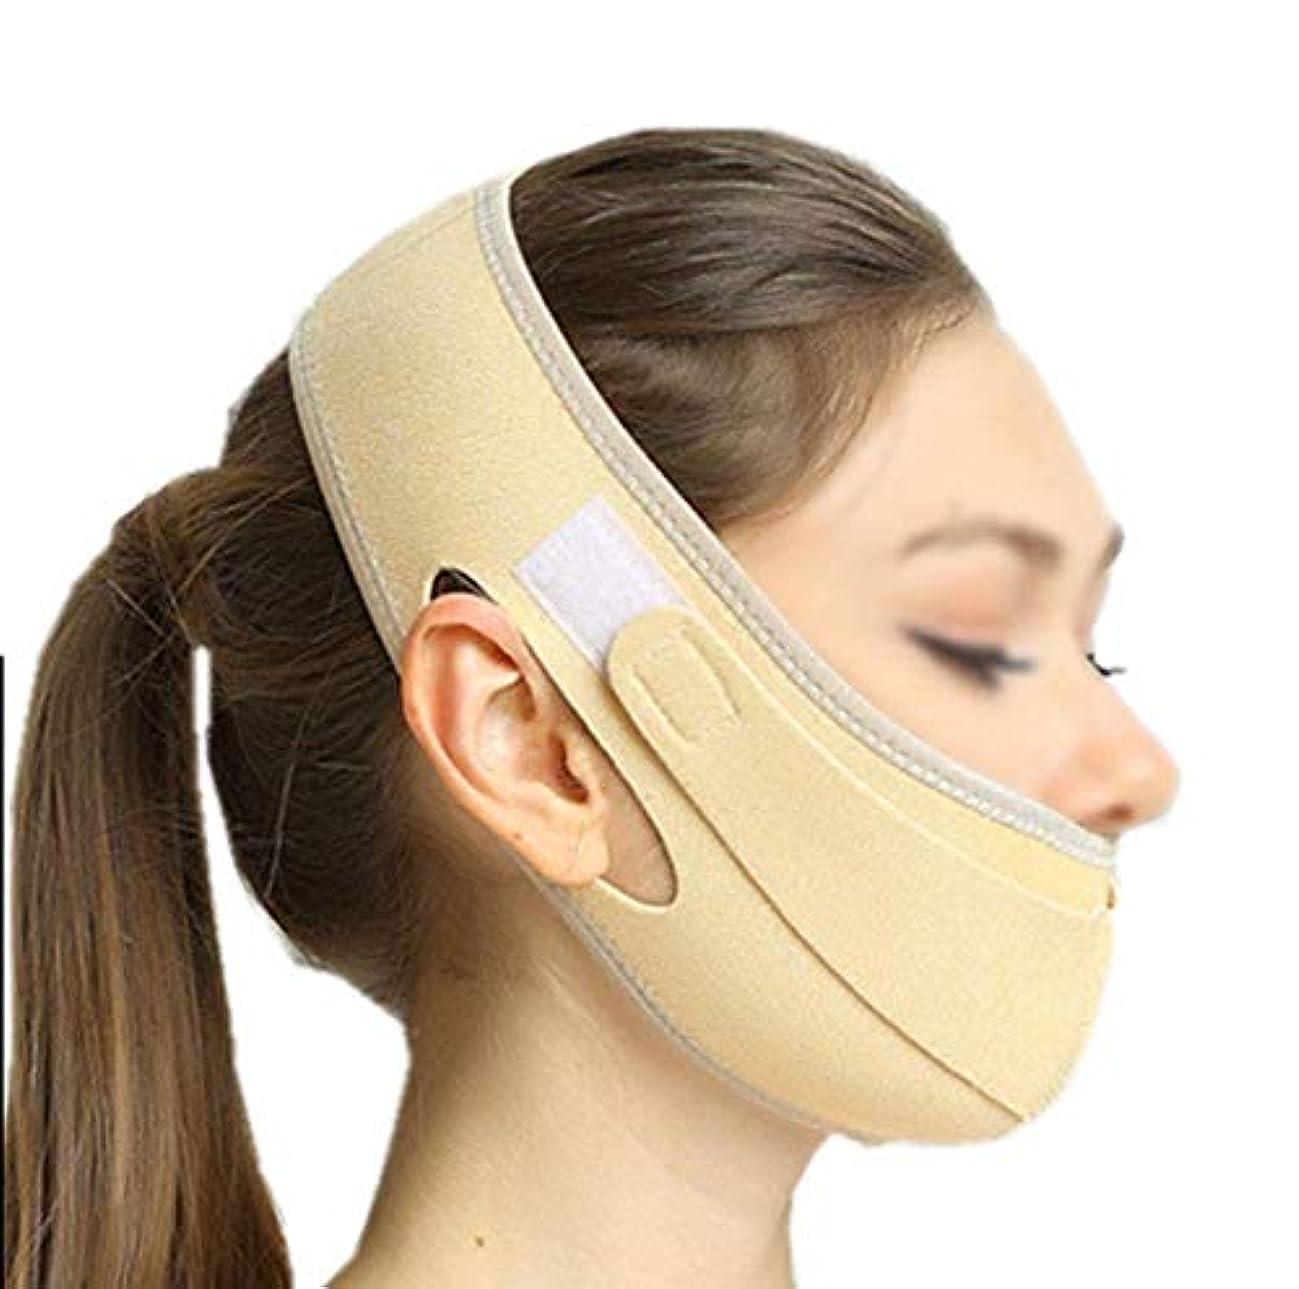 ドラッグ守る妊娠したフェイスリフトマスク、コスメティックリカバリーマスク、薄いダブルチンリフティングスキンで小さなVフェイスバンデージを作成